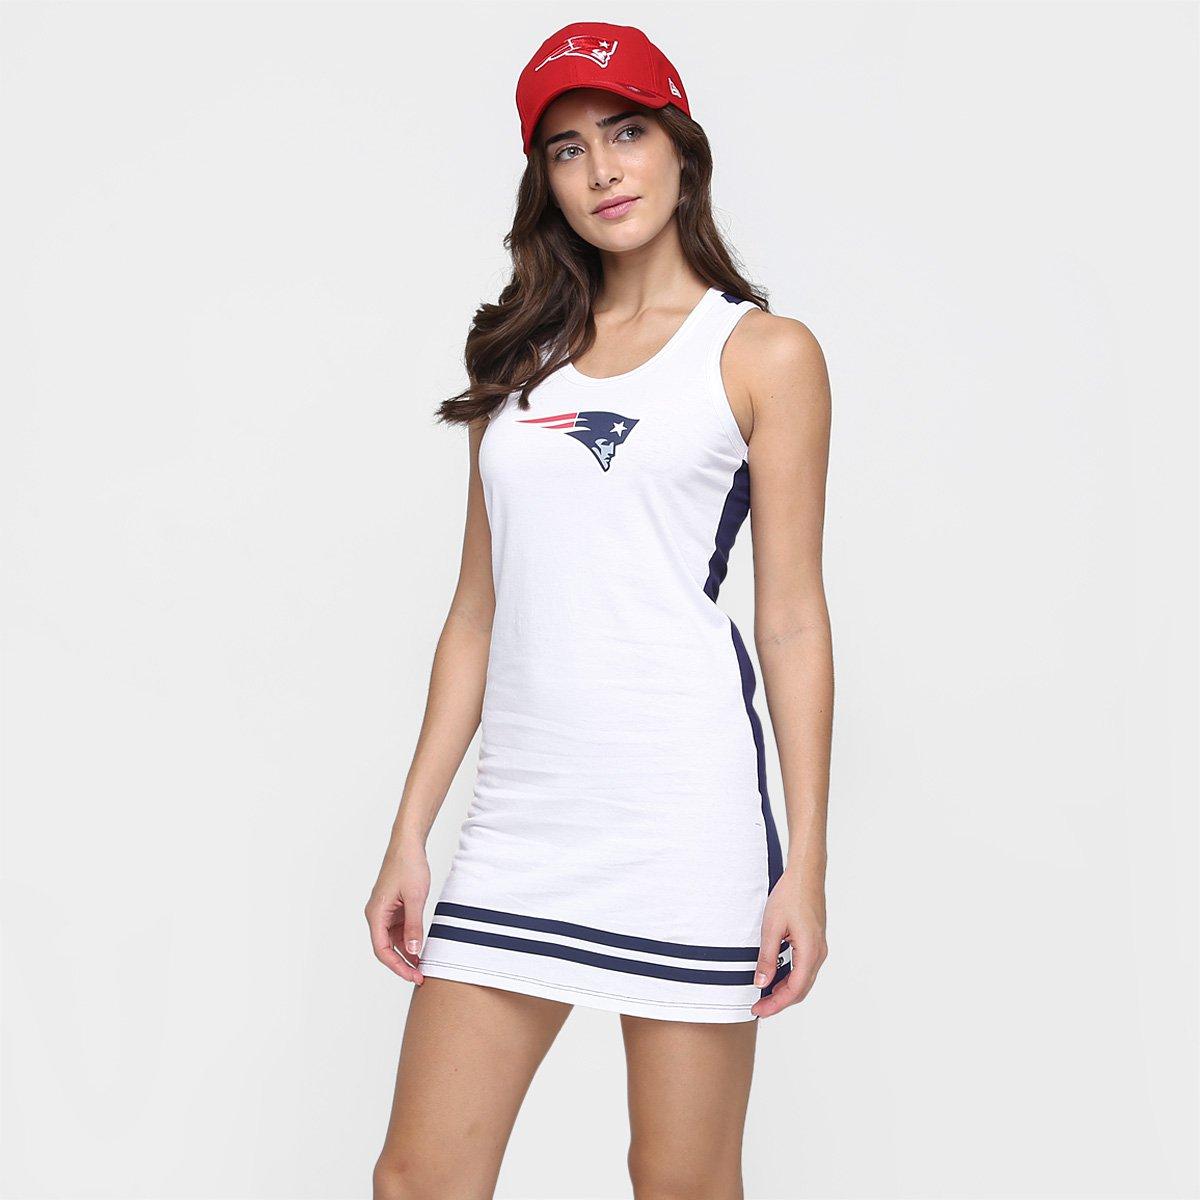 Vestido New Era Nfl Listras Moline New England Patriots Marinho E Branco